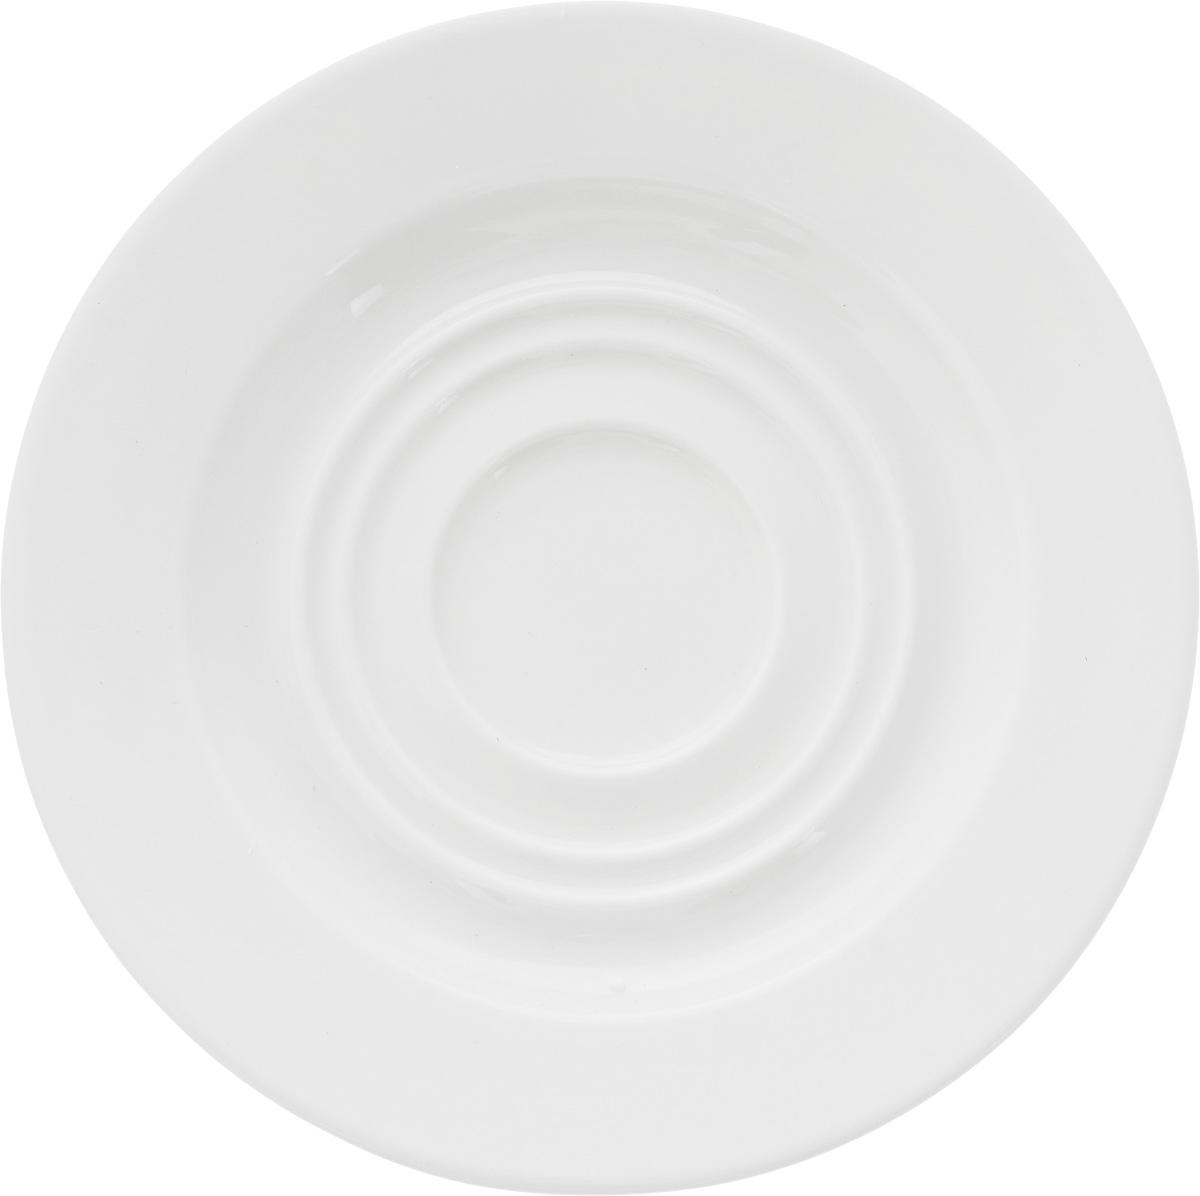 Блюдце Ariane Прайм, диаметр 14,5 смAPRARN14015Оригинальное блюдце Ariane Прайм изготовлено из фарфора с глазурованным покрытием. Изделие сочетает в себе классический дизайн с максимальной функциональностью. Блюдце прекрасно впишется в интерьер вашей кухни и станет достойным дополнением к кухонному инвентарю. Можно мыть в посудомоечной машине и использовать в микроволновой печи.Диаметр блюдца (по верхнему краю): 14,5 см.Высота блюдца: 2 см.